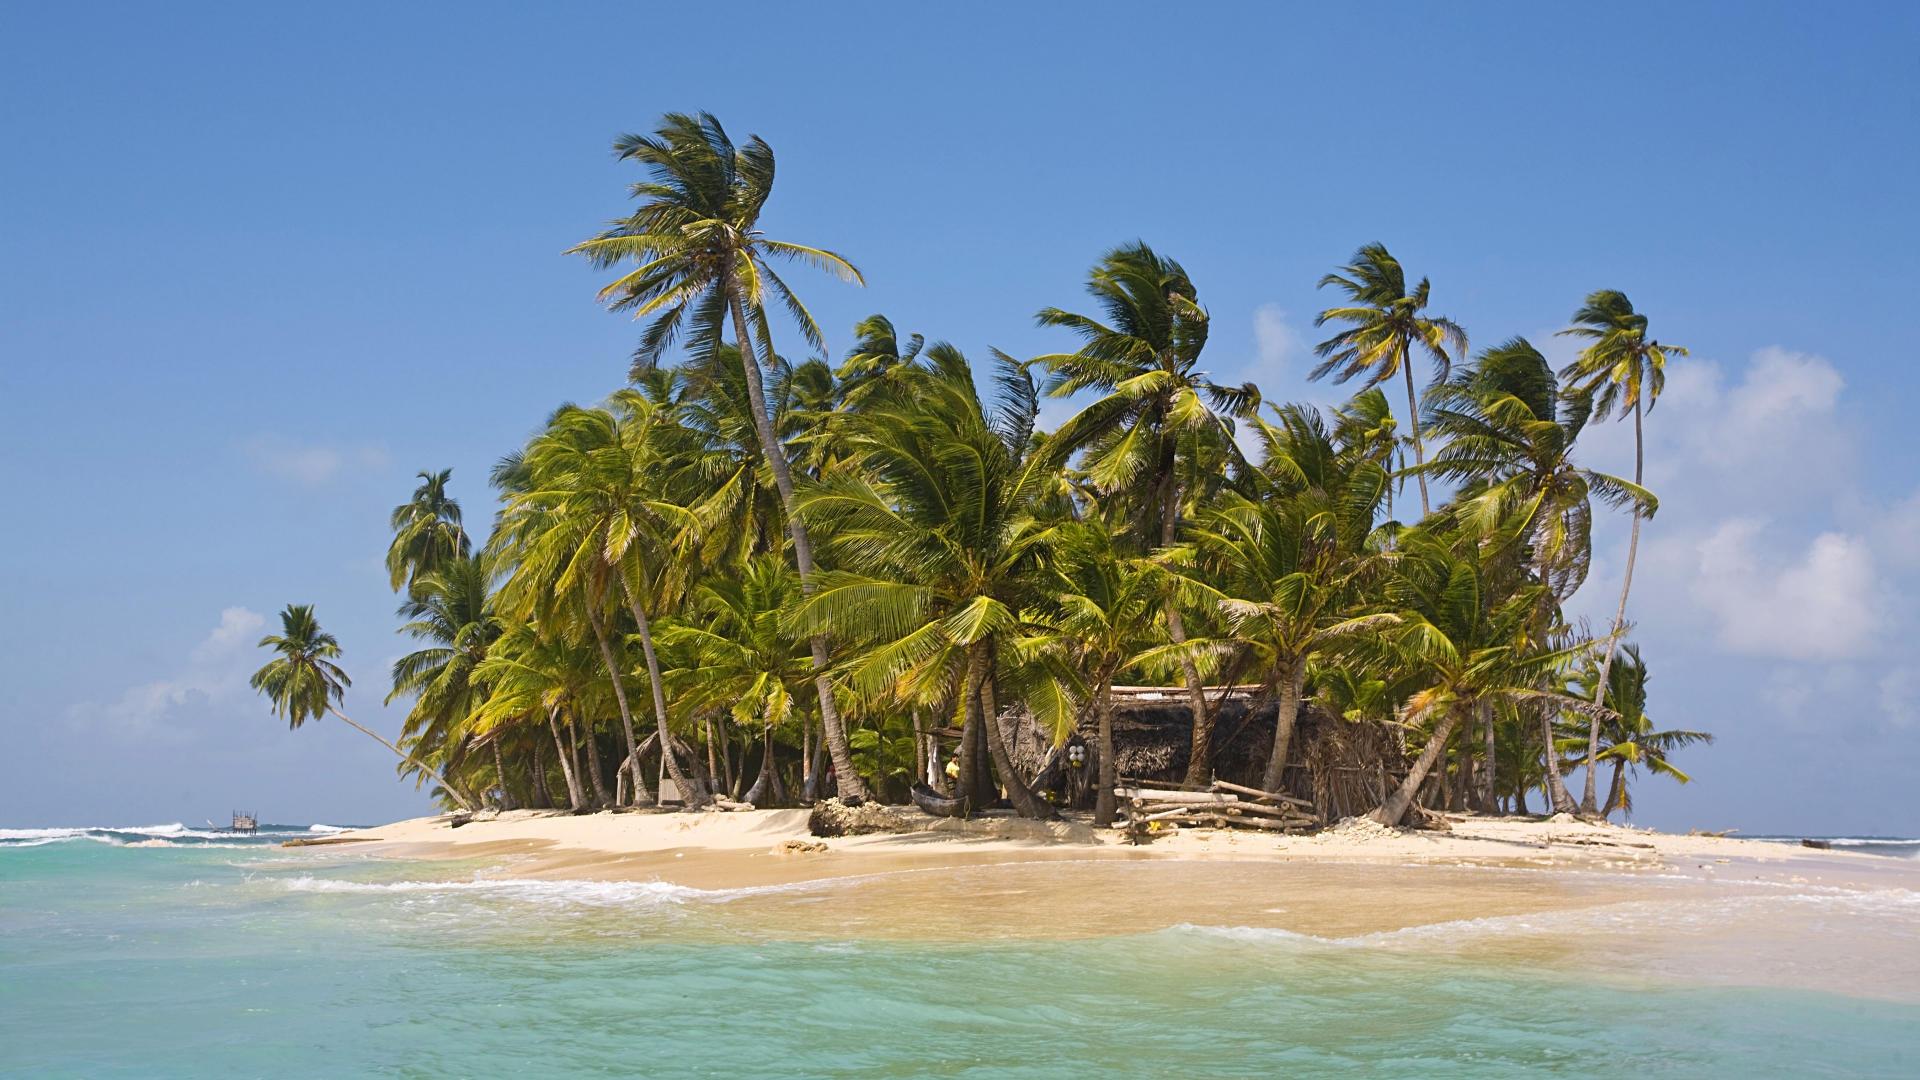 свойства картинки остров с пальмой и хижиной эта создана